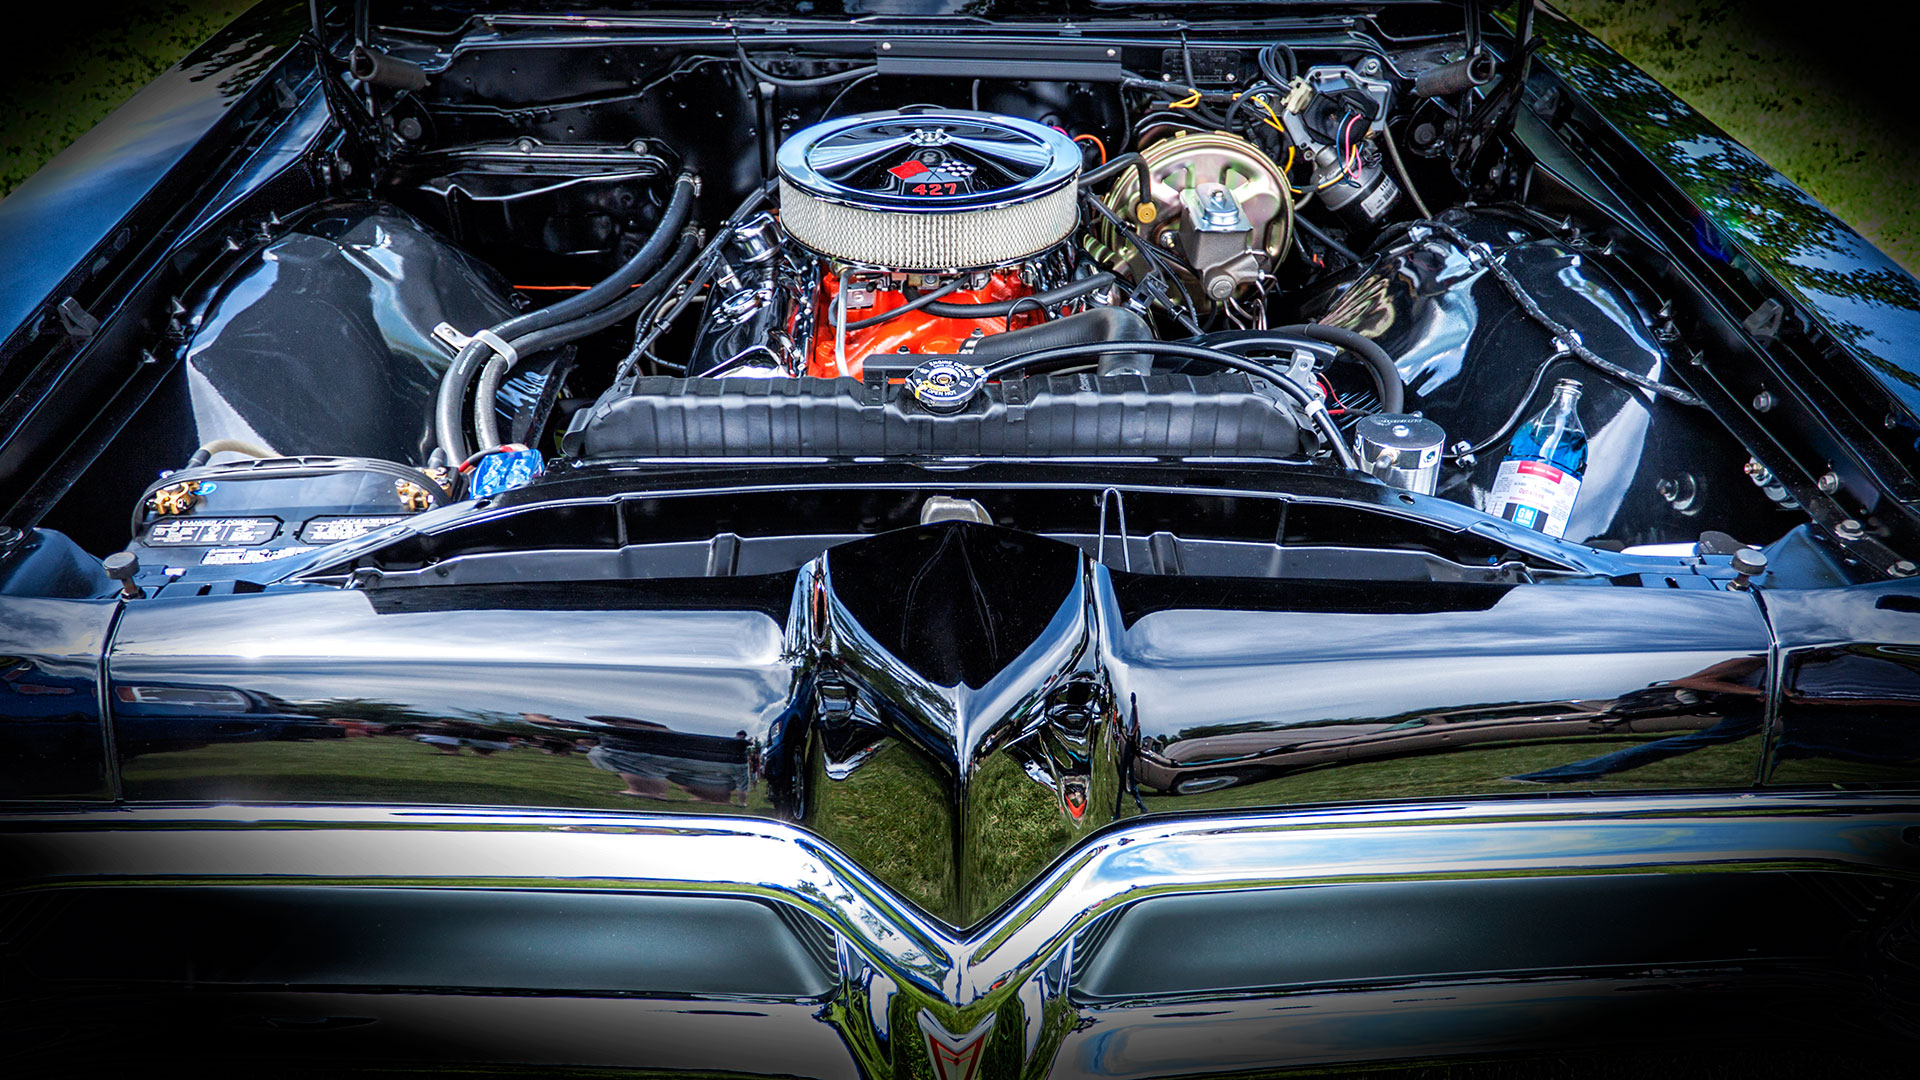 Chevy-Engine-Bay.jpg